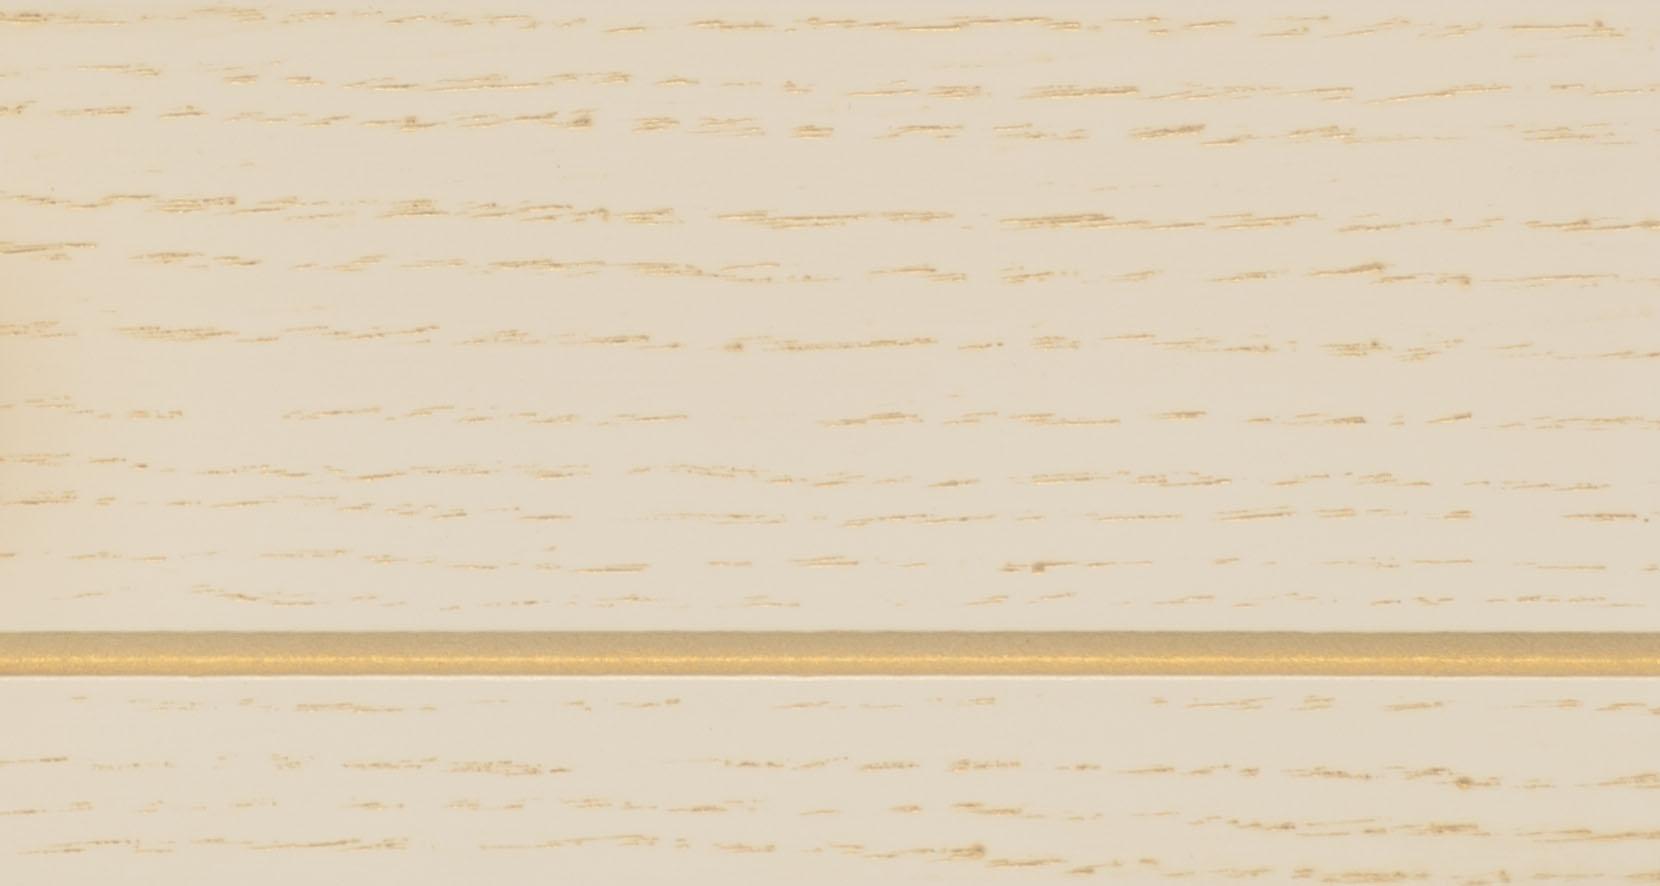 Тон 22. Тонировка II категории: эмаль крем, патина золото